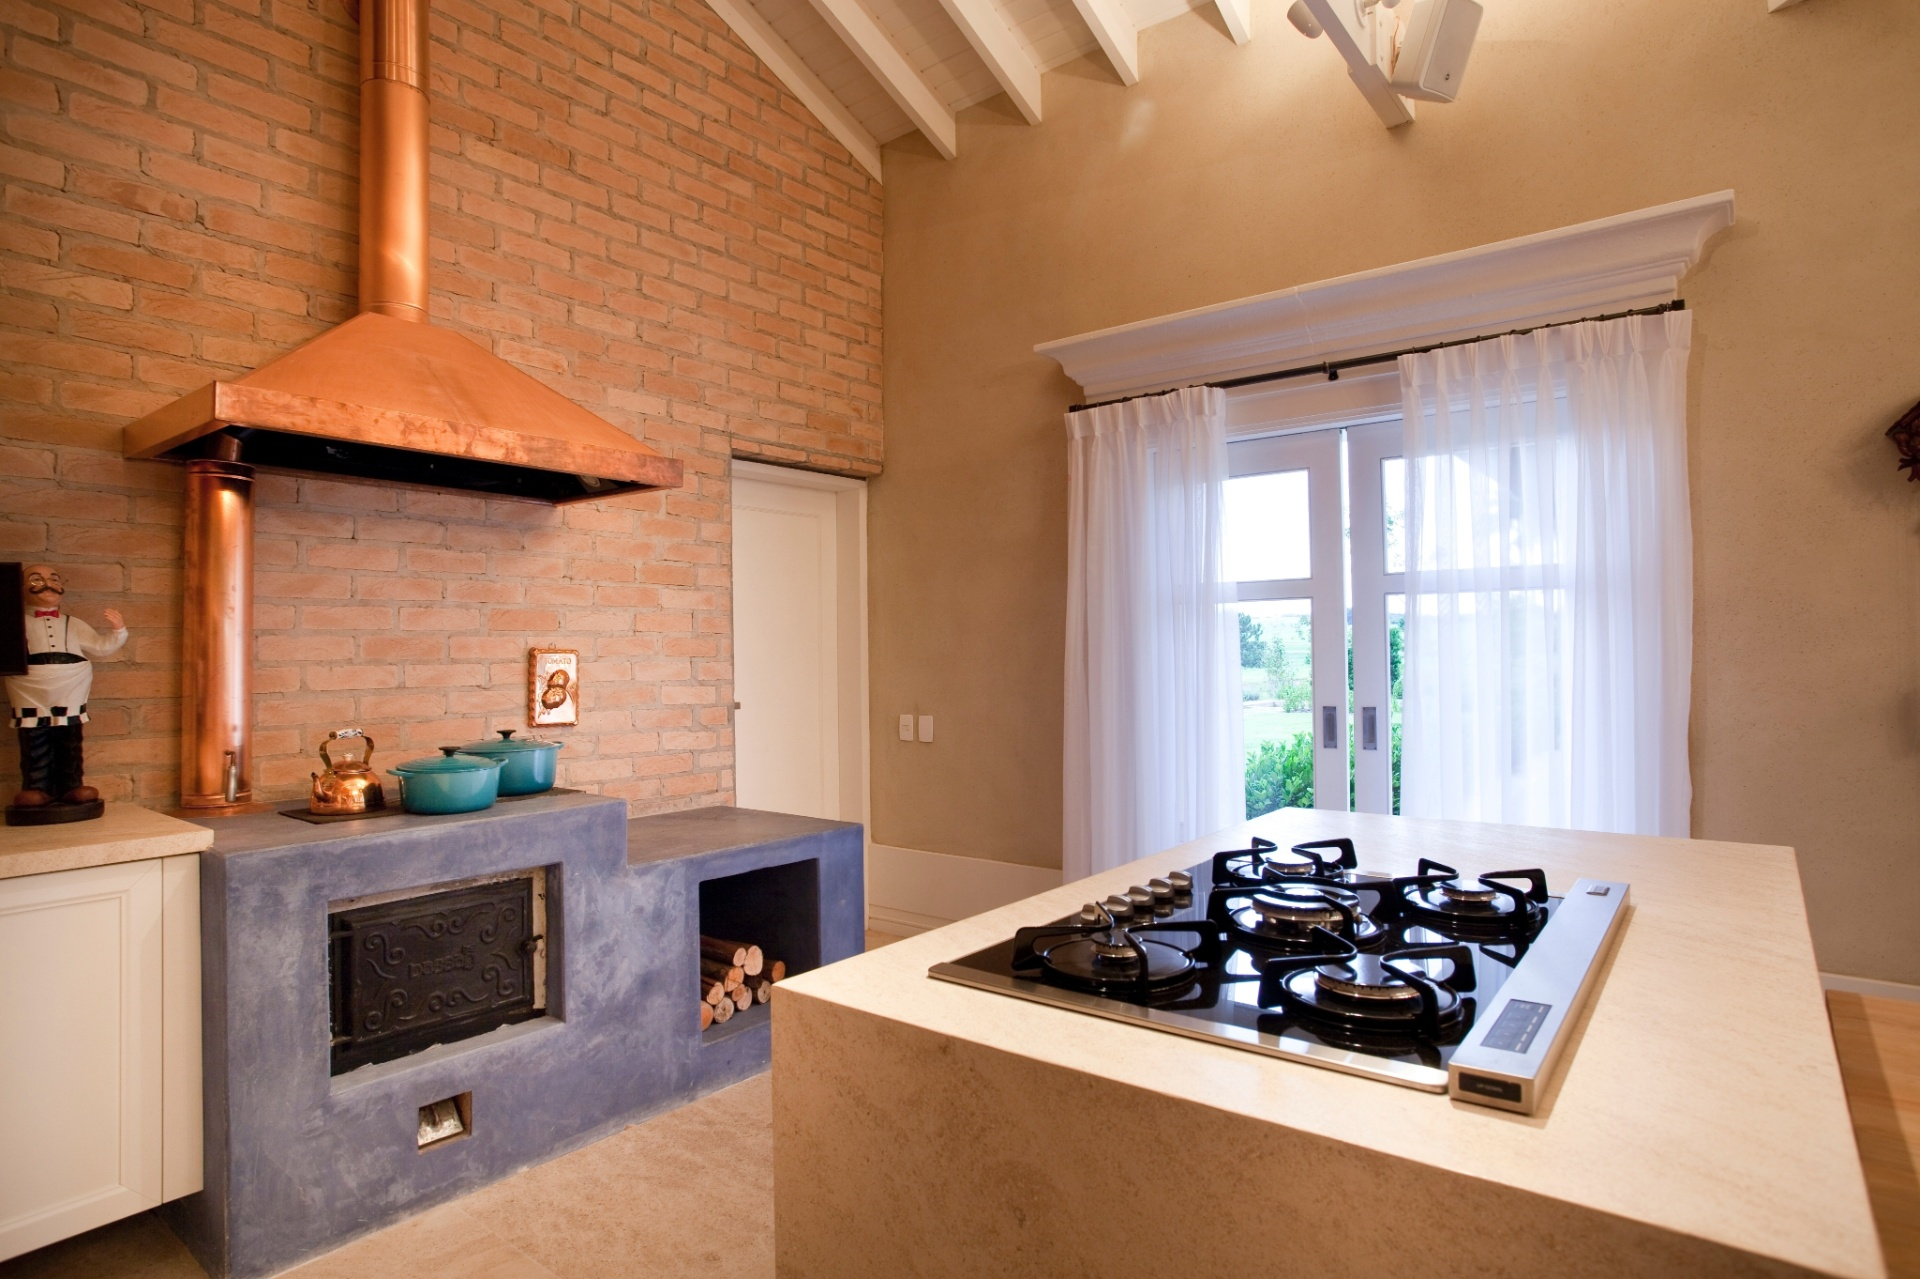 cozinha gourmet também serve no inverno para aquecer os ambientes #7D4925 1920 1279